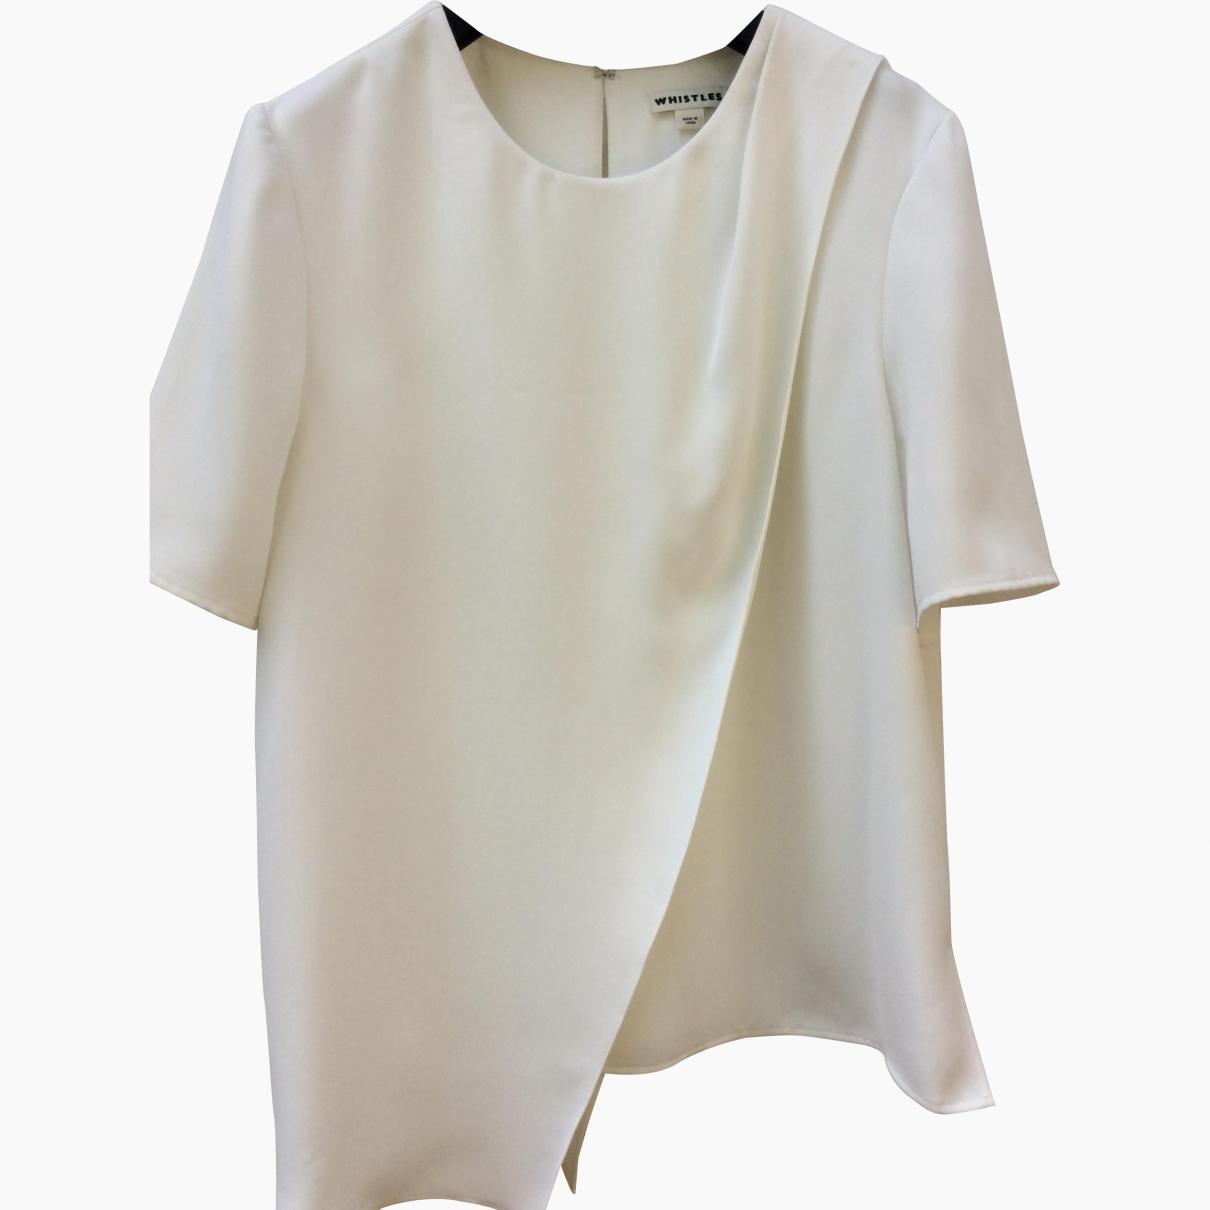 Whistles \N White  top for Women 14 UK